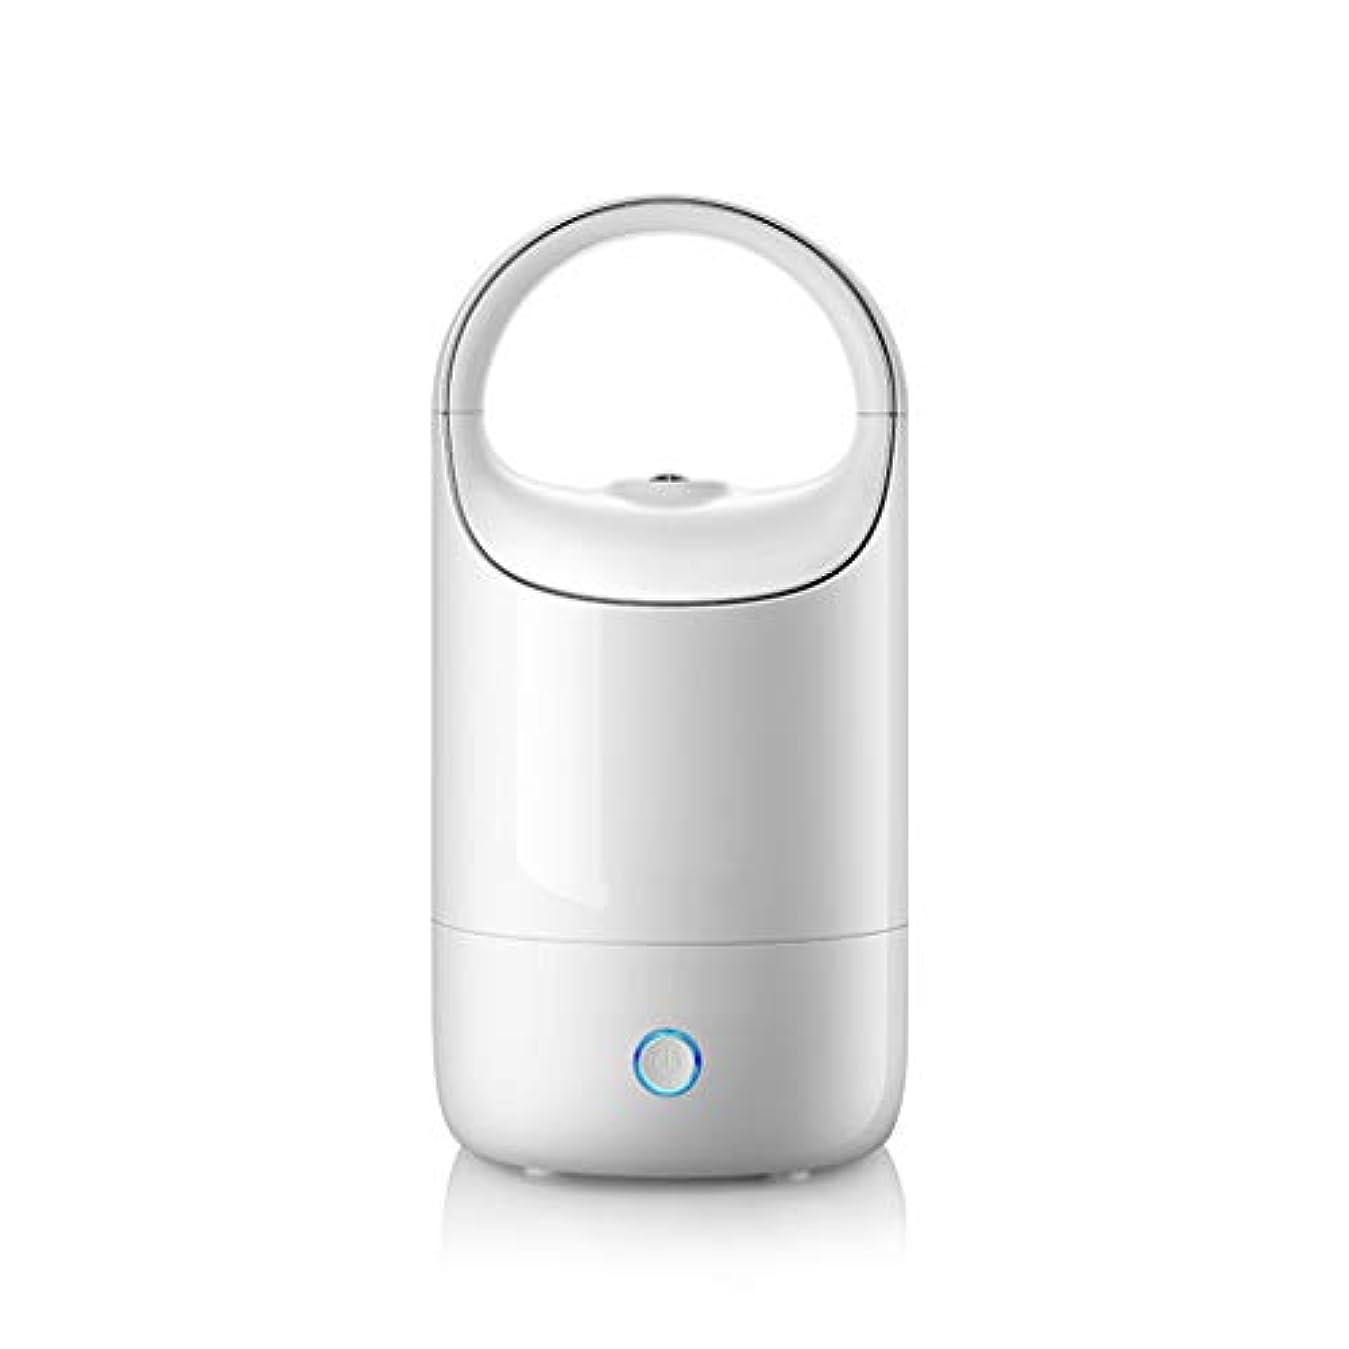 一時的エジプト一元化する空気加湿器ホームサイレント寝室妊婦赤ちゃん空気霧大容量ディフューザー (Color : White)